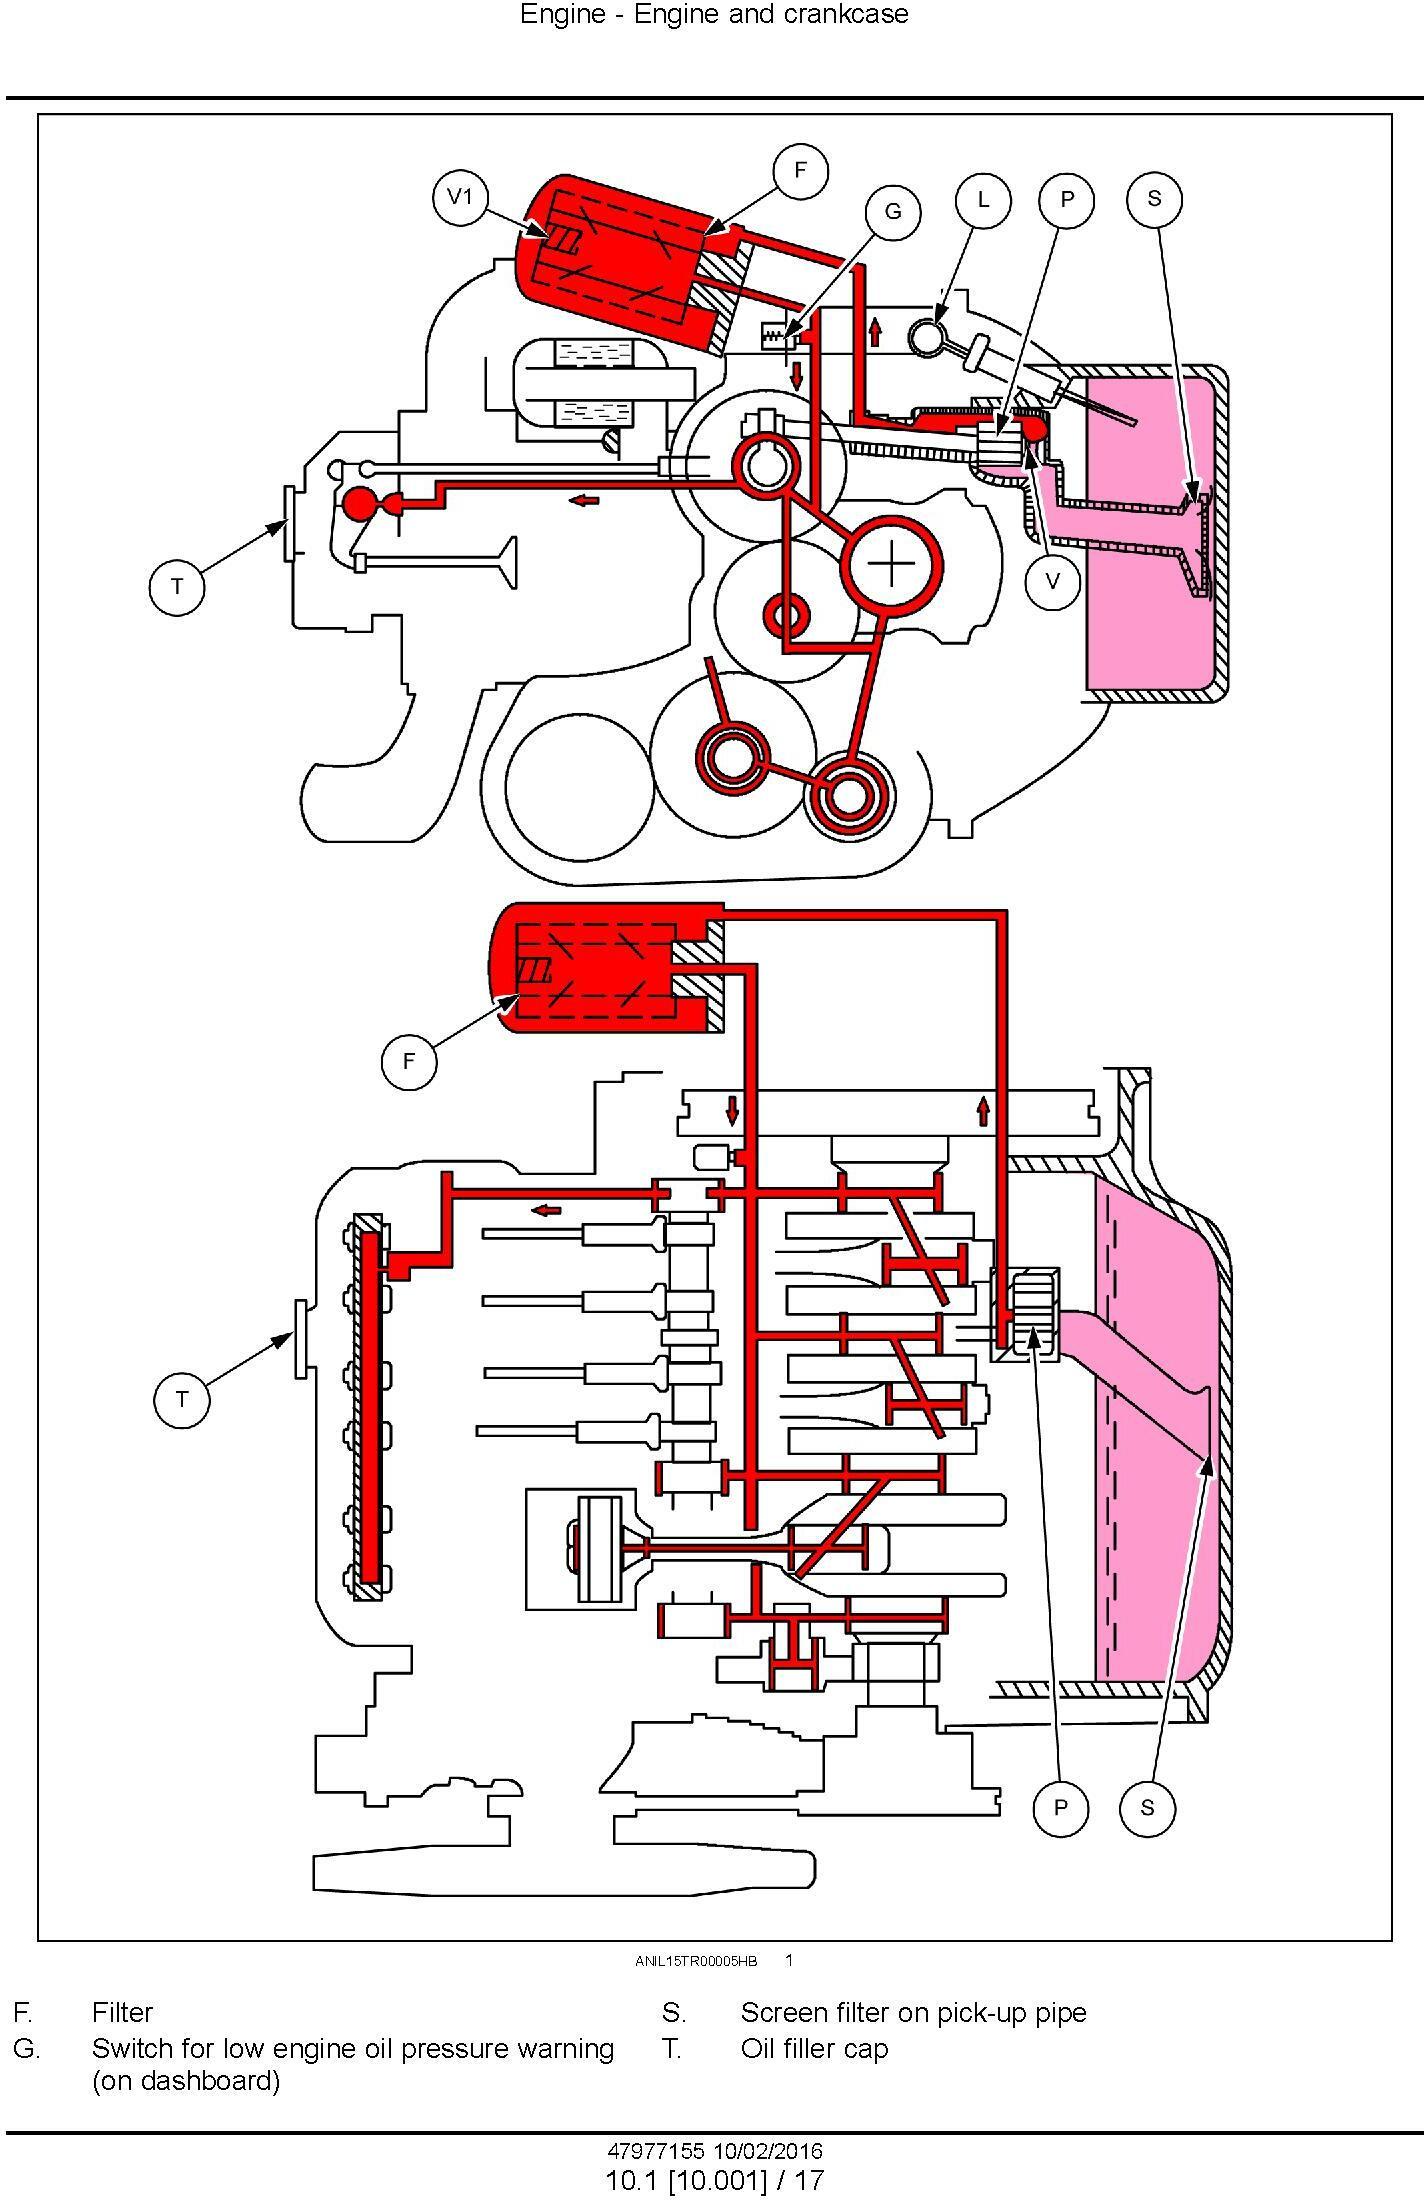 New Holland T3.50F, T3.55F, T3.65F, T3.75F Tractor Service Manual - 2